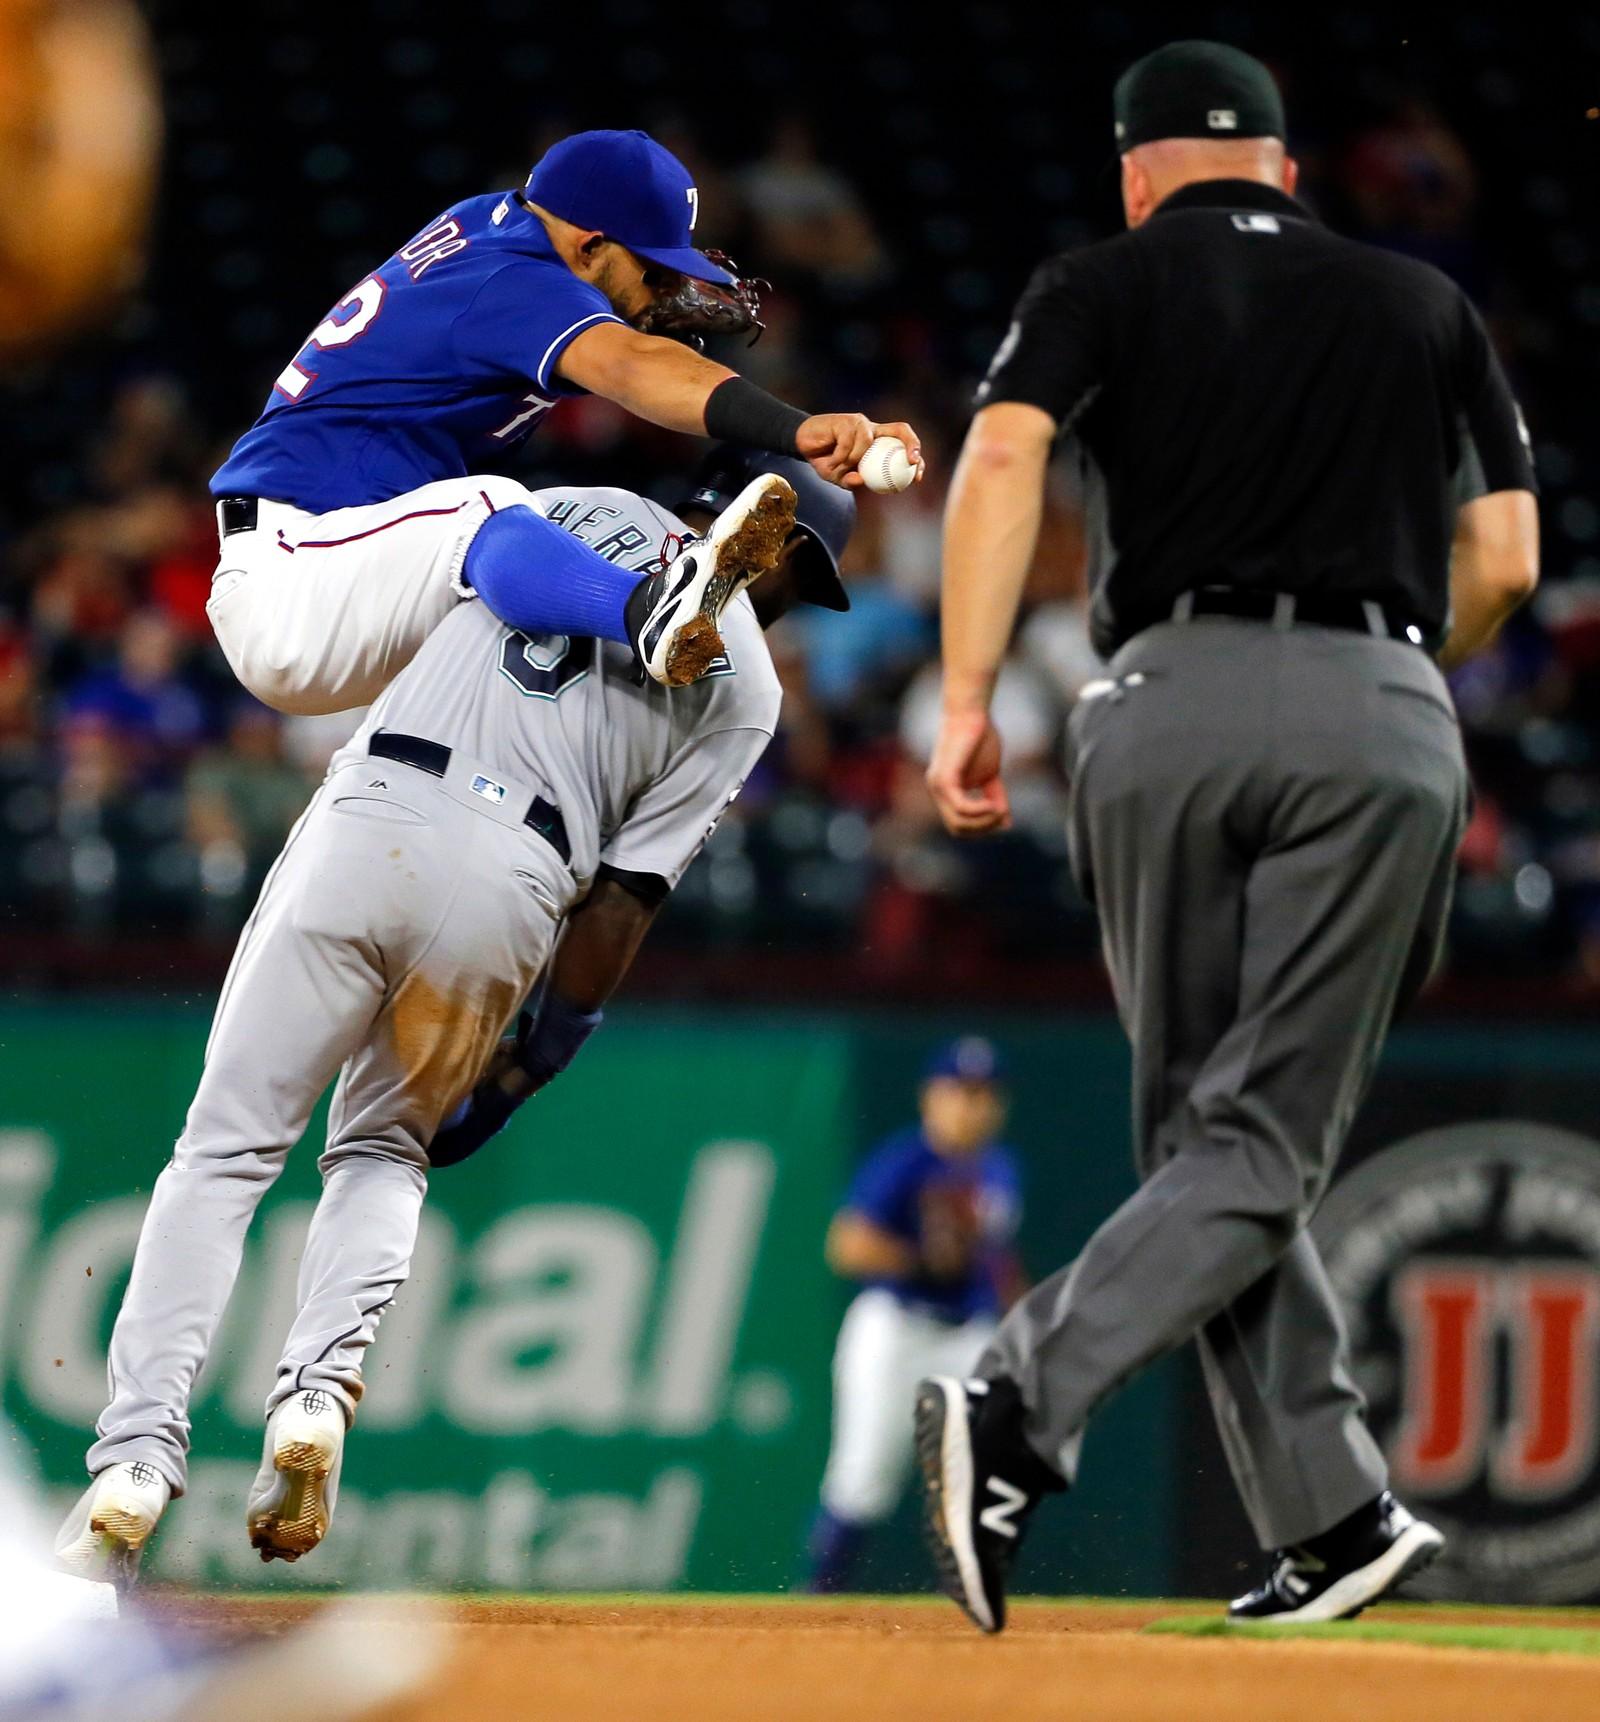 Dette er antakeligvis mot reglene. Texas Rangers' Rougned Oder forsøker å hoppe over Seattle Mariners' Guillermo Heredia, men mislykkes. Åpenbart. Det ser ut som om dommeren fikk det med seg også.